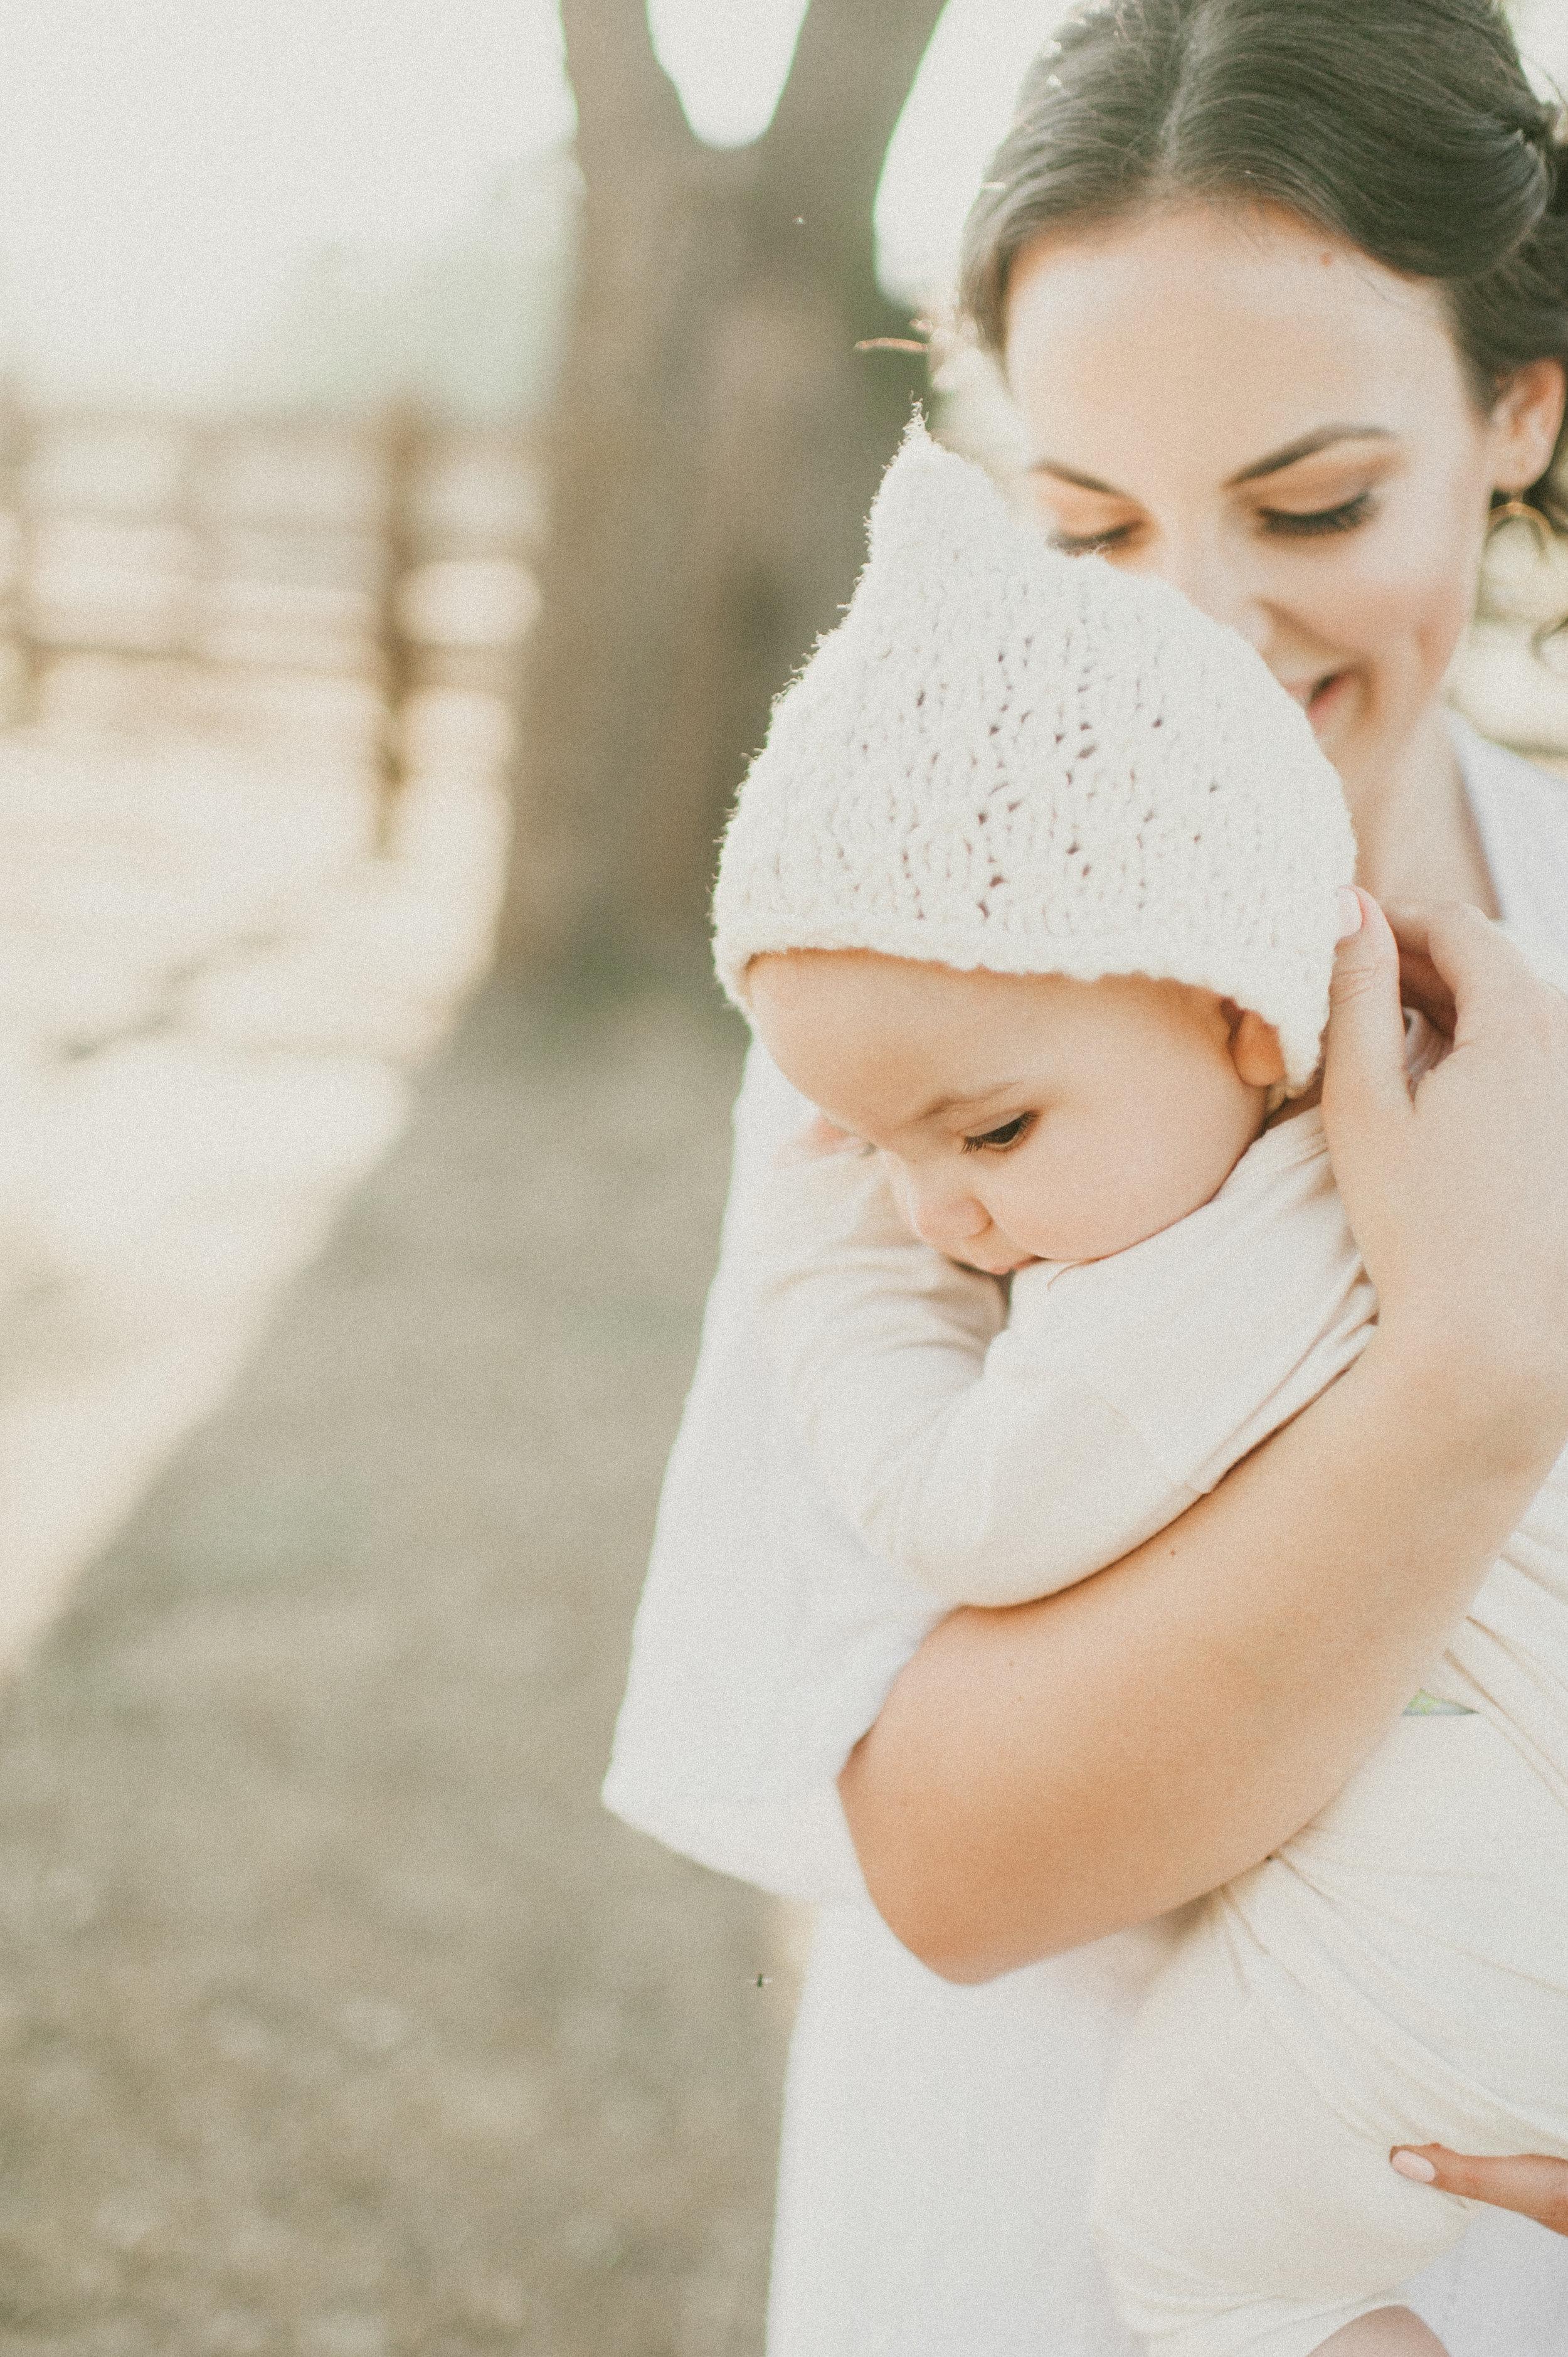 babyphotography